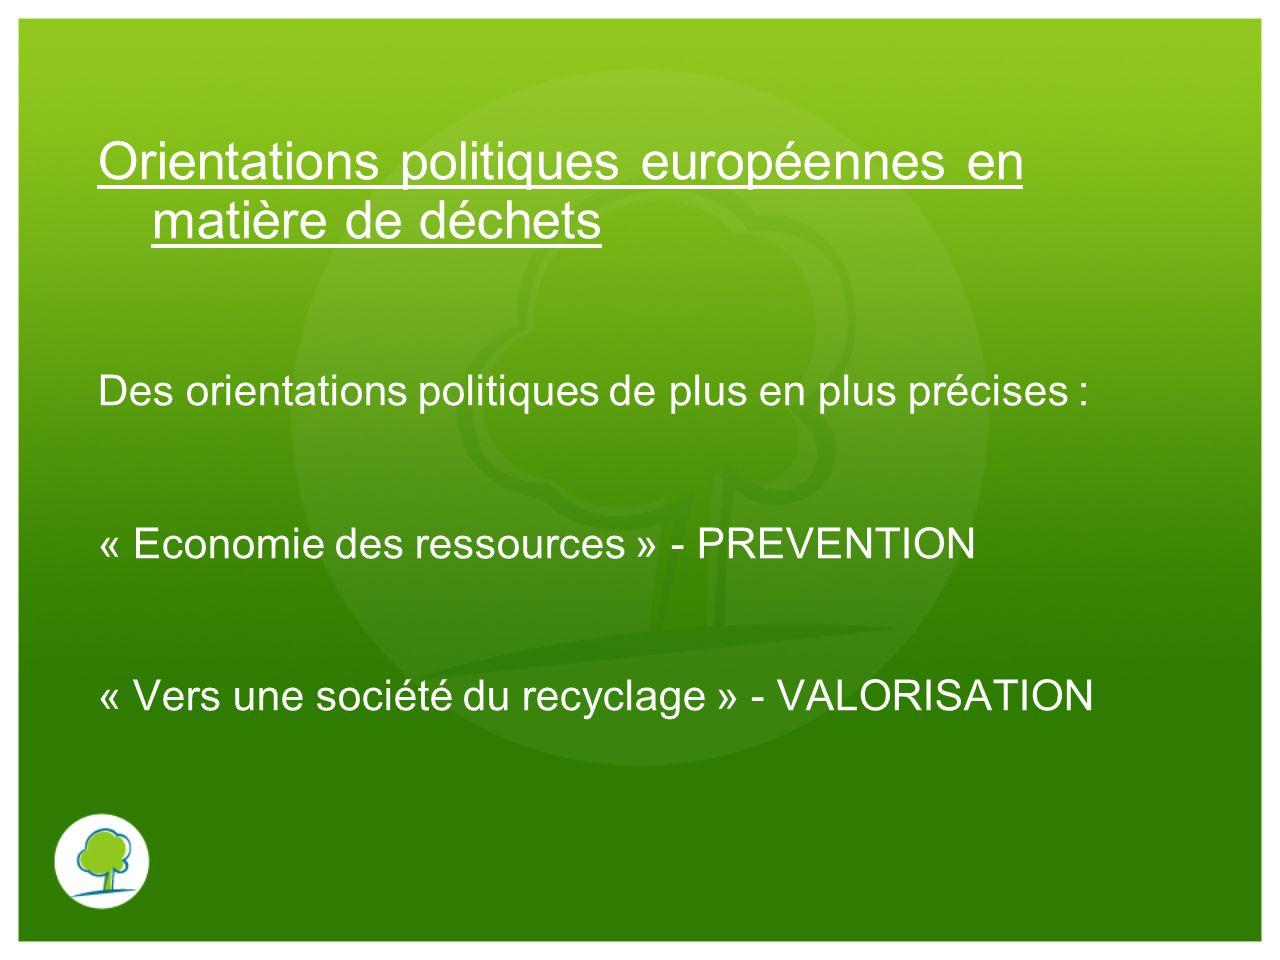 Orientations politiques européennes en matière de déchets